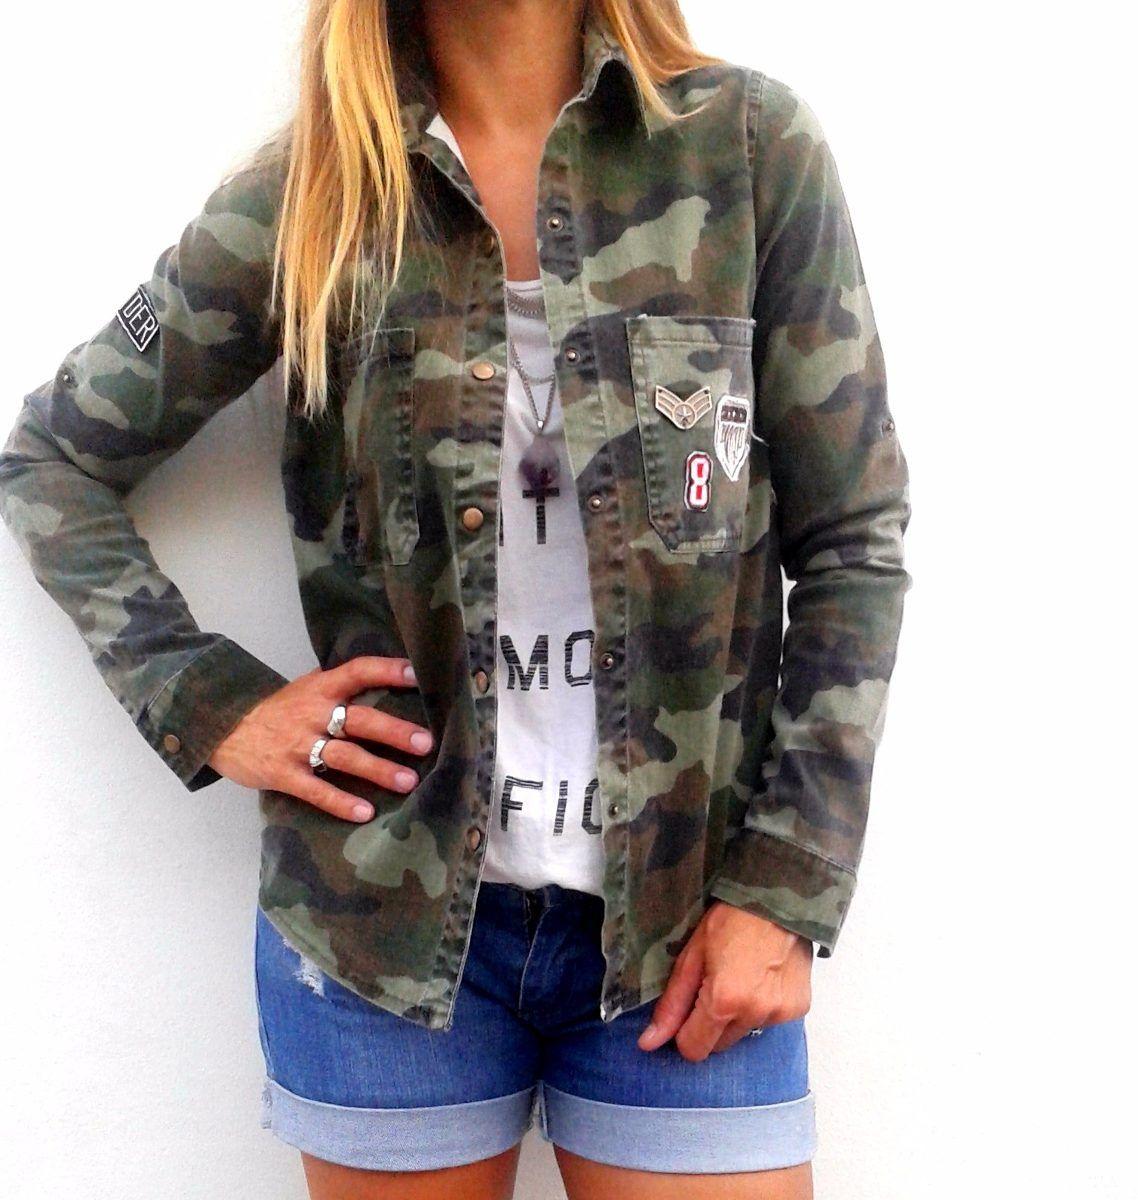 mirada detallada d3a4c 8083c camisa militar de mujer camisas larga verde en mercado ...